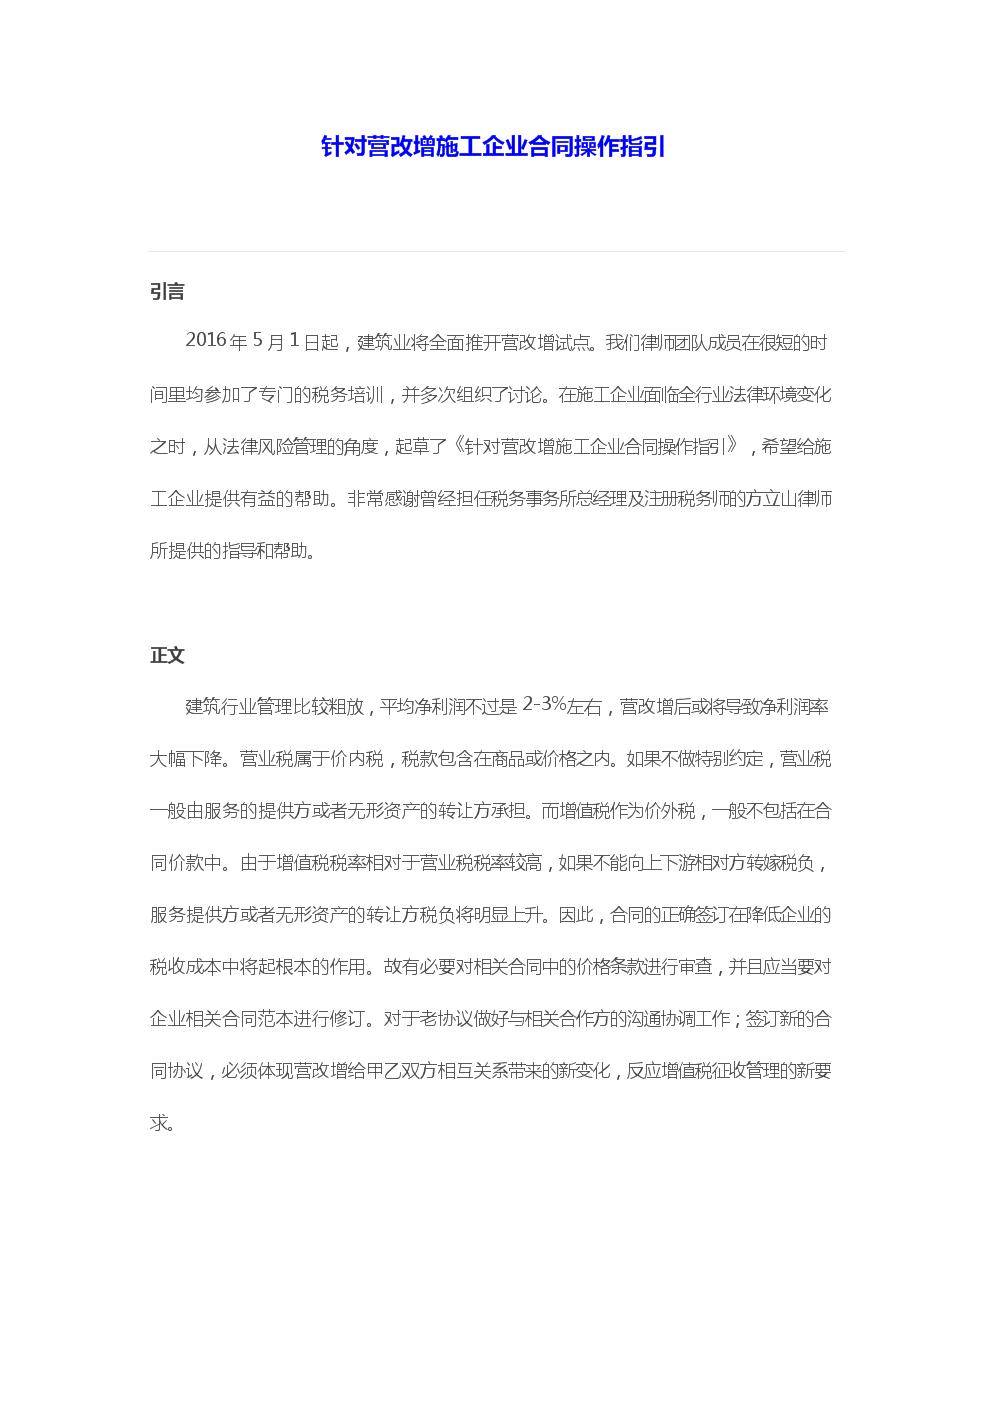 针对营改增施工企业合同操作指引.docx